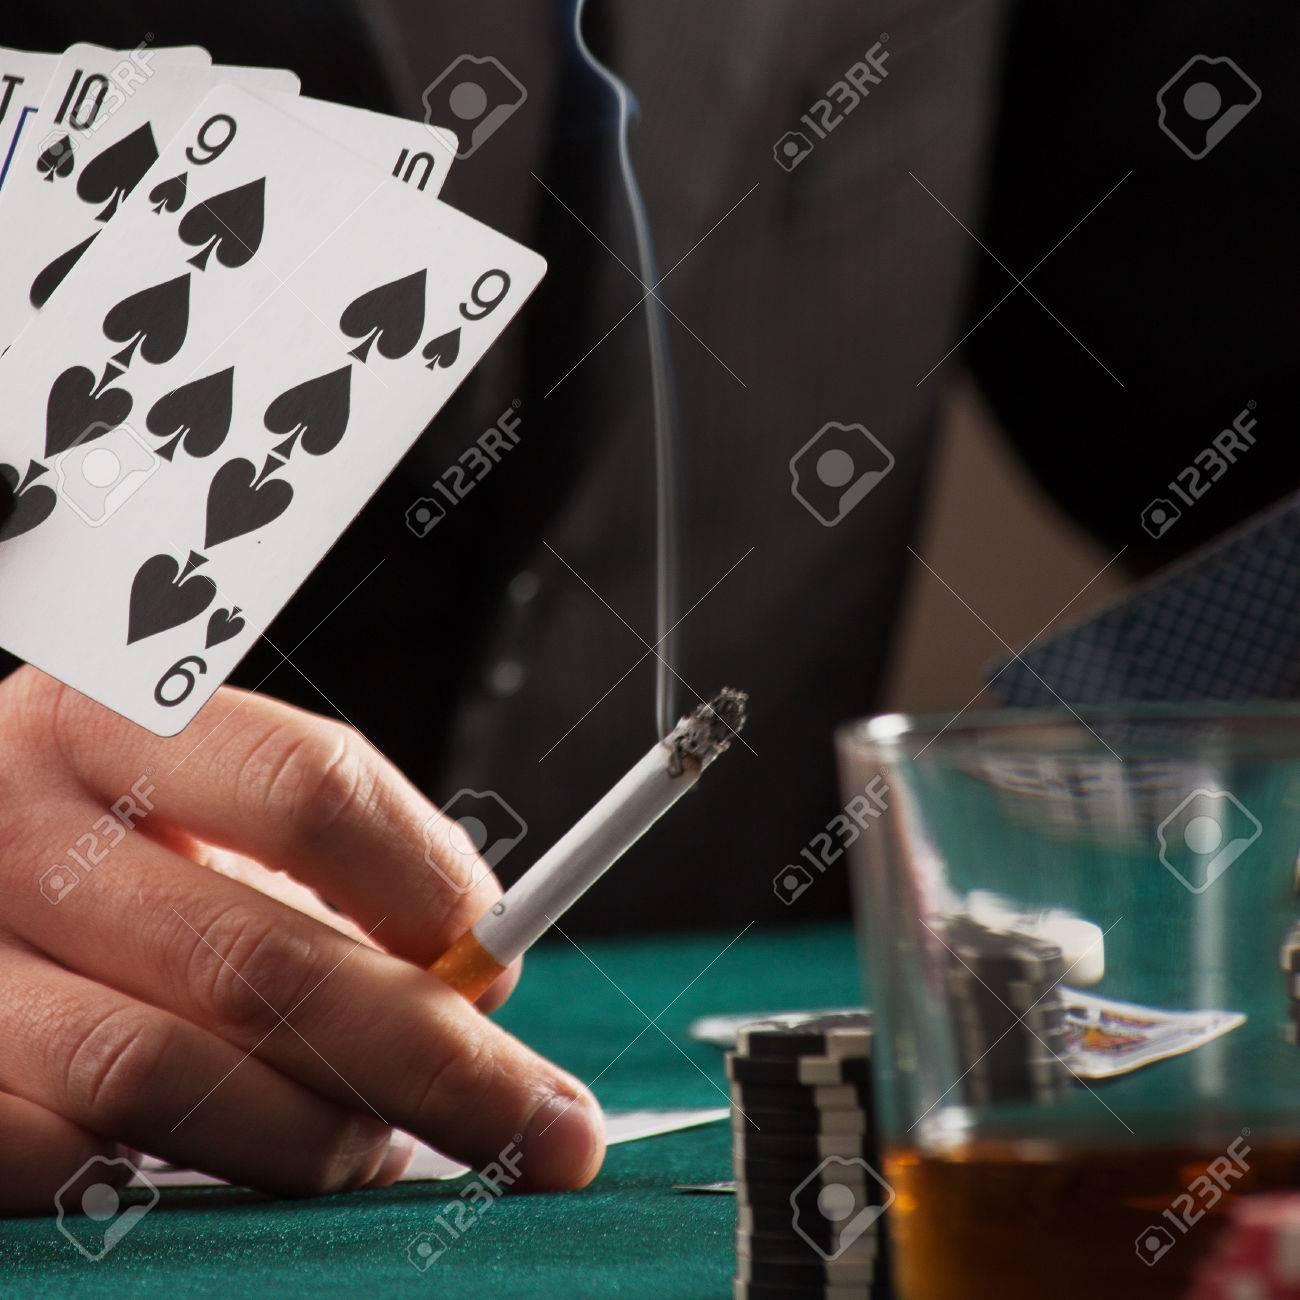 Slots wonder 4